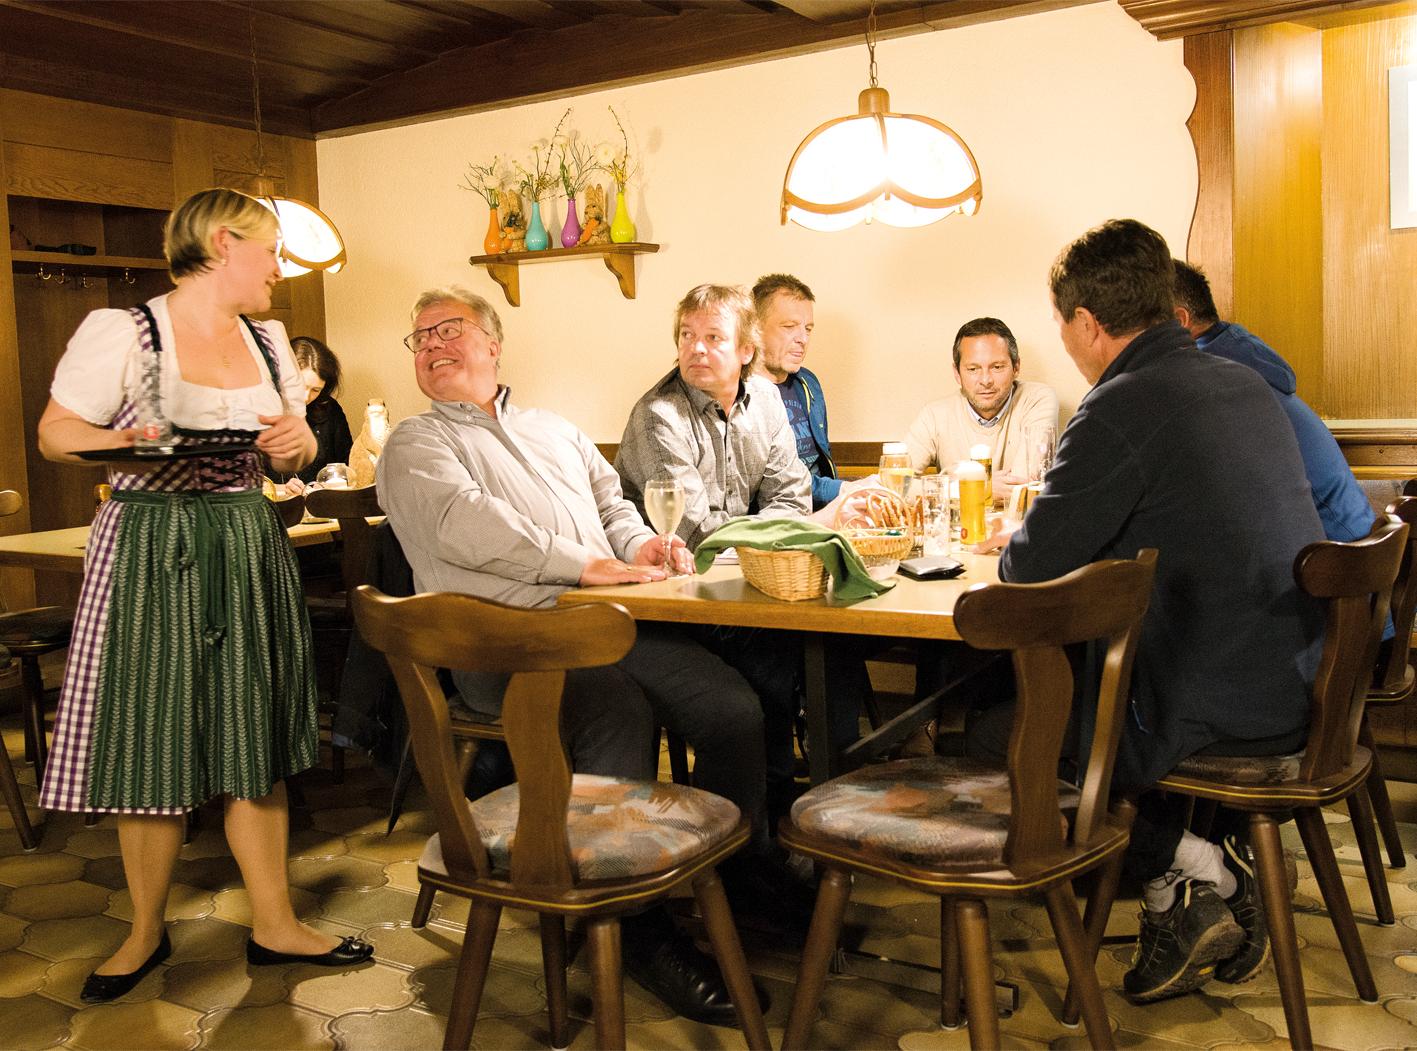 Das Gasthaus Riedmiller ist jeden Montag, Dienstag, Donnerstag, Freitag und Samstag jeweils von 10 bis 13 Uhr sowie von 16 bis 24 Uhr geöffnet.